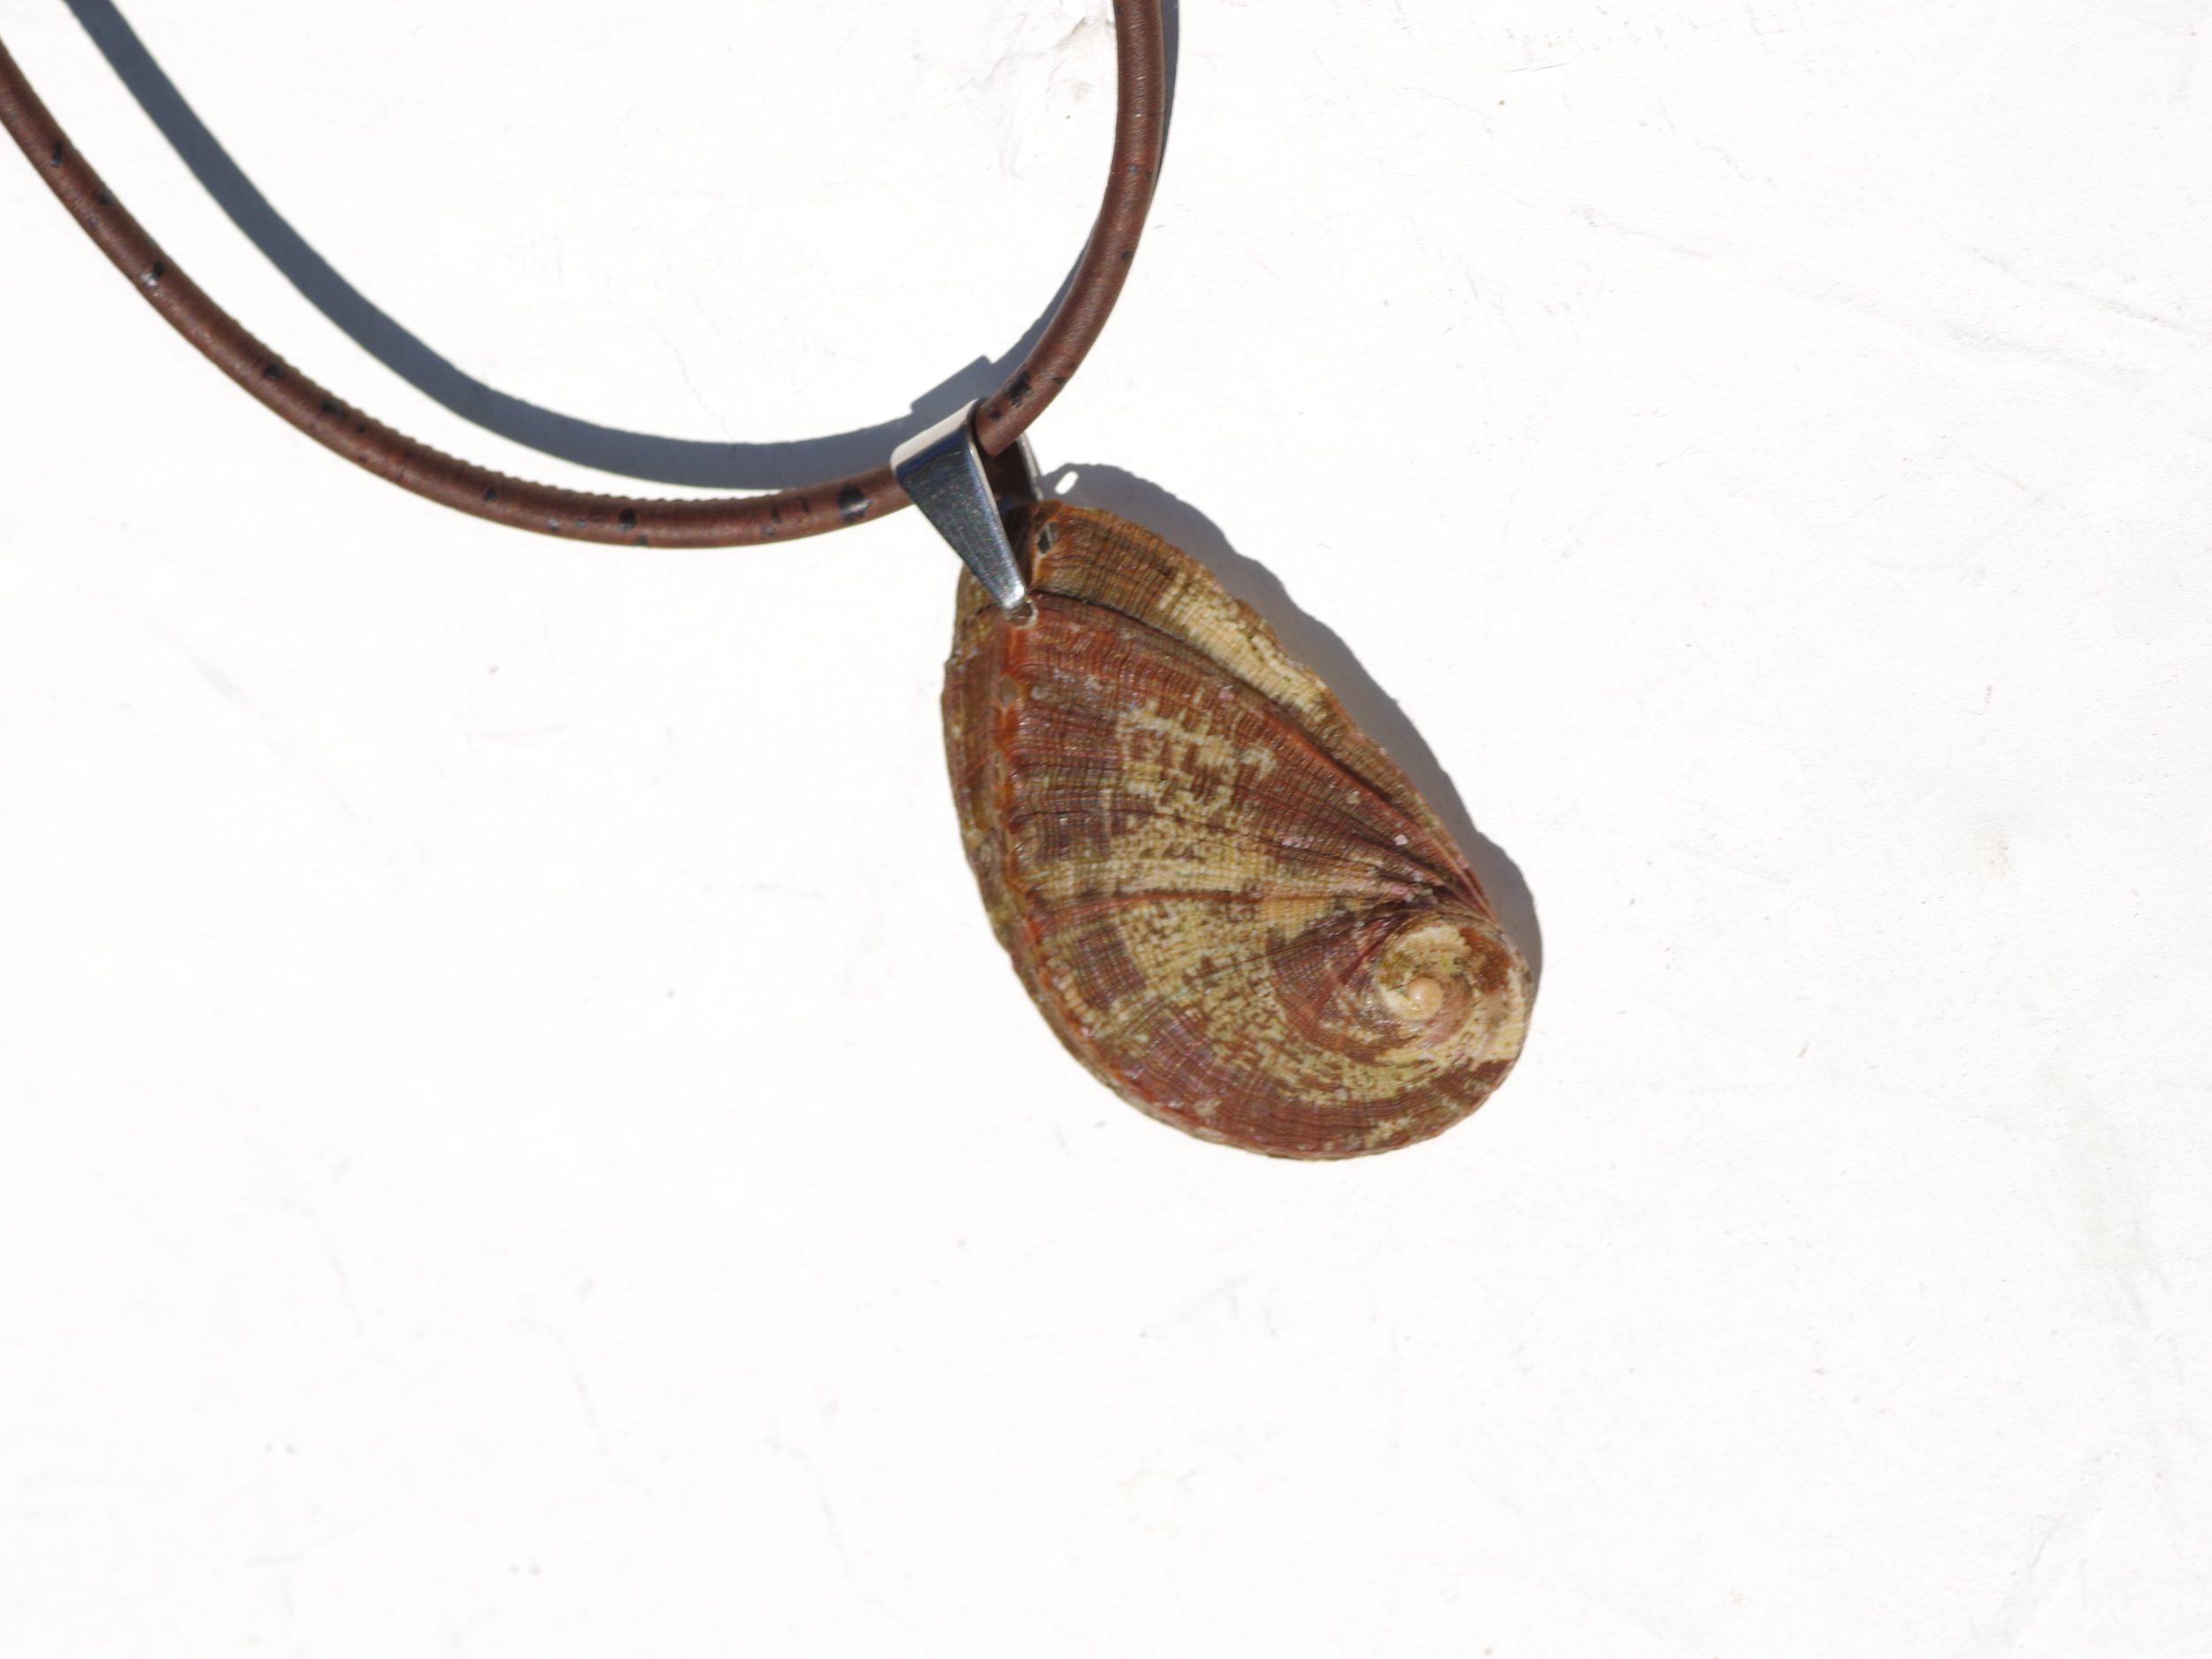 beau pendentif coquillage ormeau auburn sur un tour de cou en liège marron